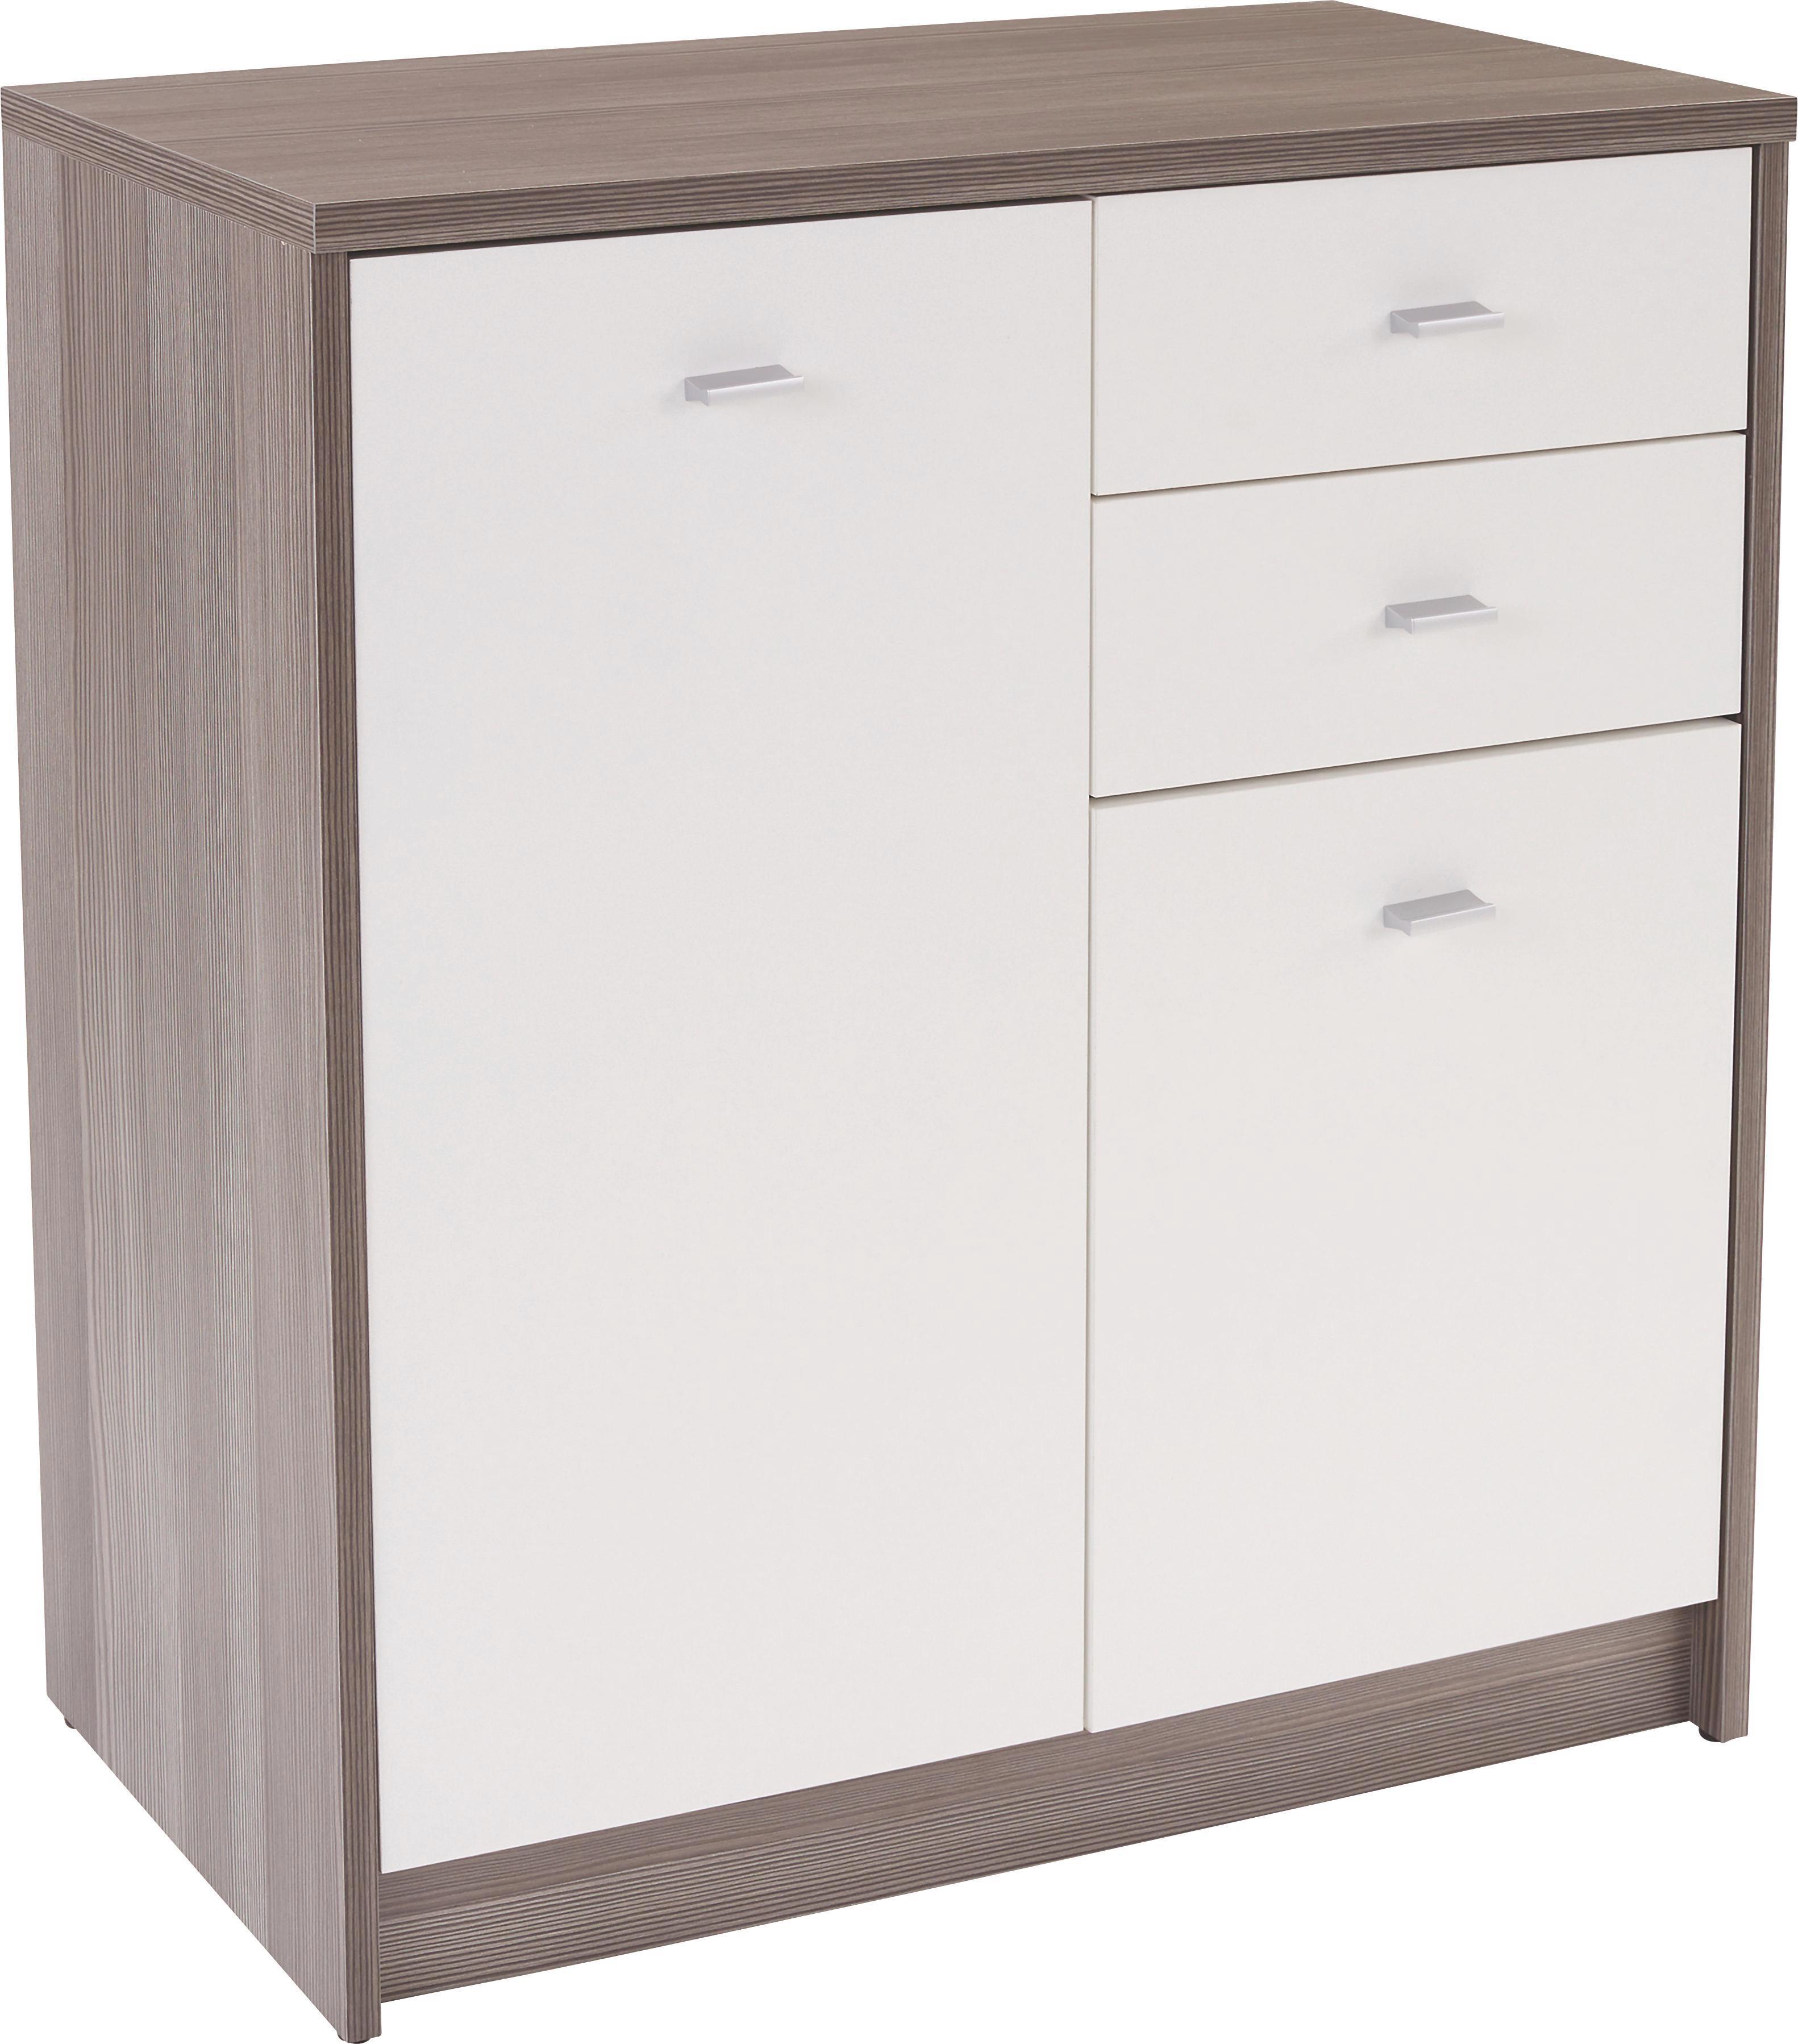 Komoda 4-you Yuk04 - bílá/tmavě hnědá, Moderní, dřevěný materiál (74/85,4/35,2cm)